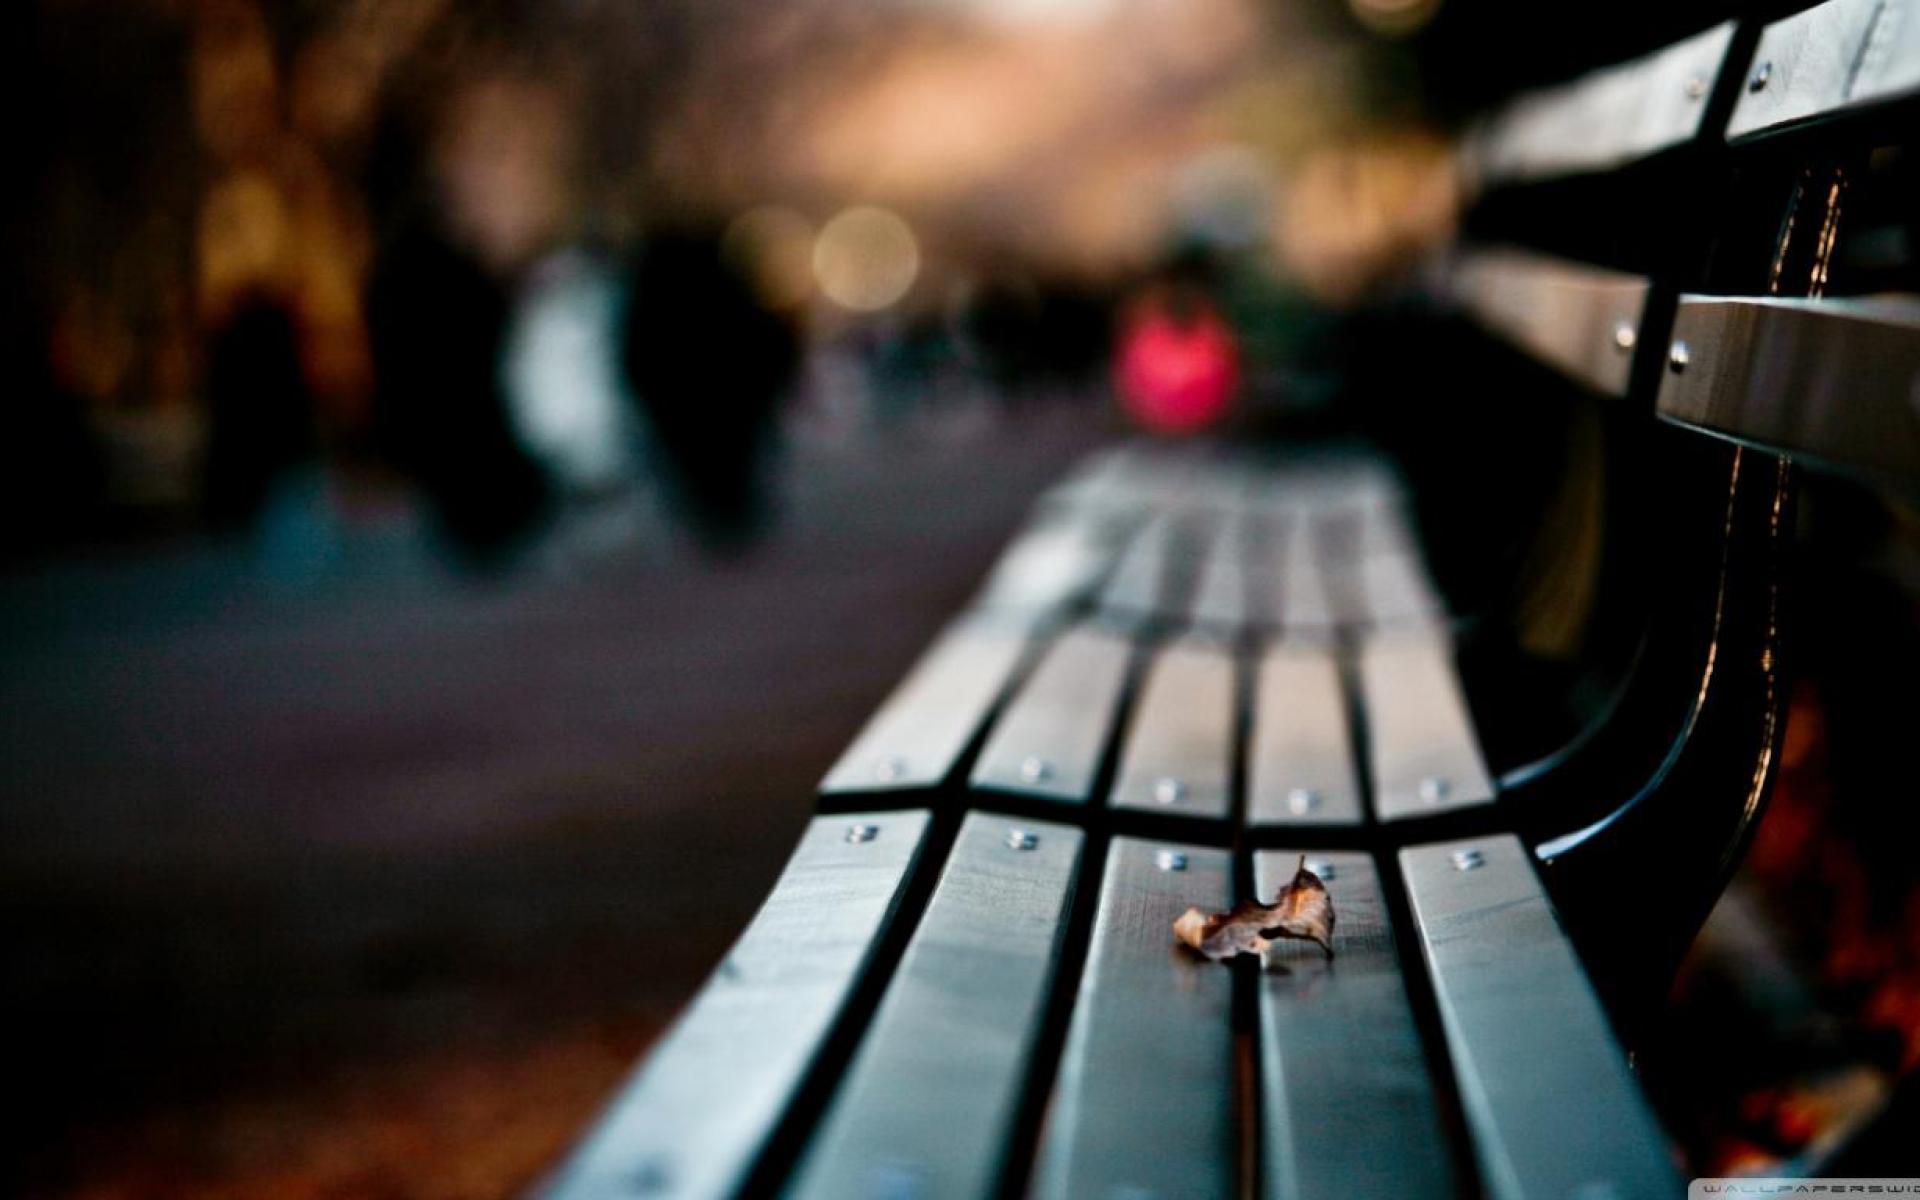 Hogyan találja meg vagy kerüli el az Egy szingli férfi álmai nőjét?